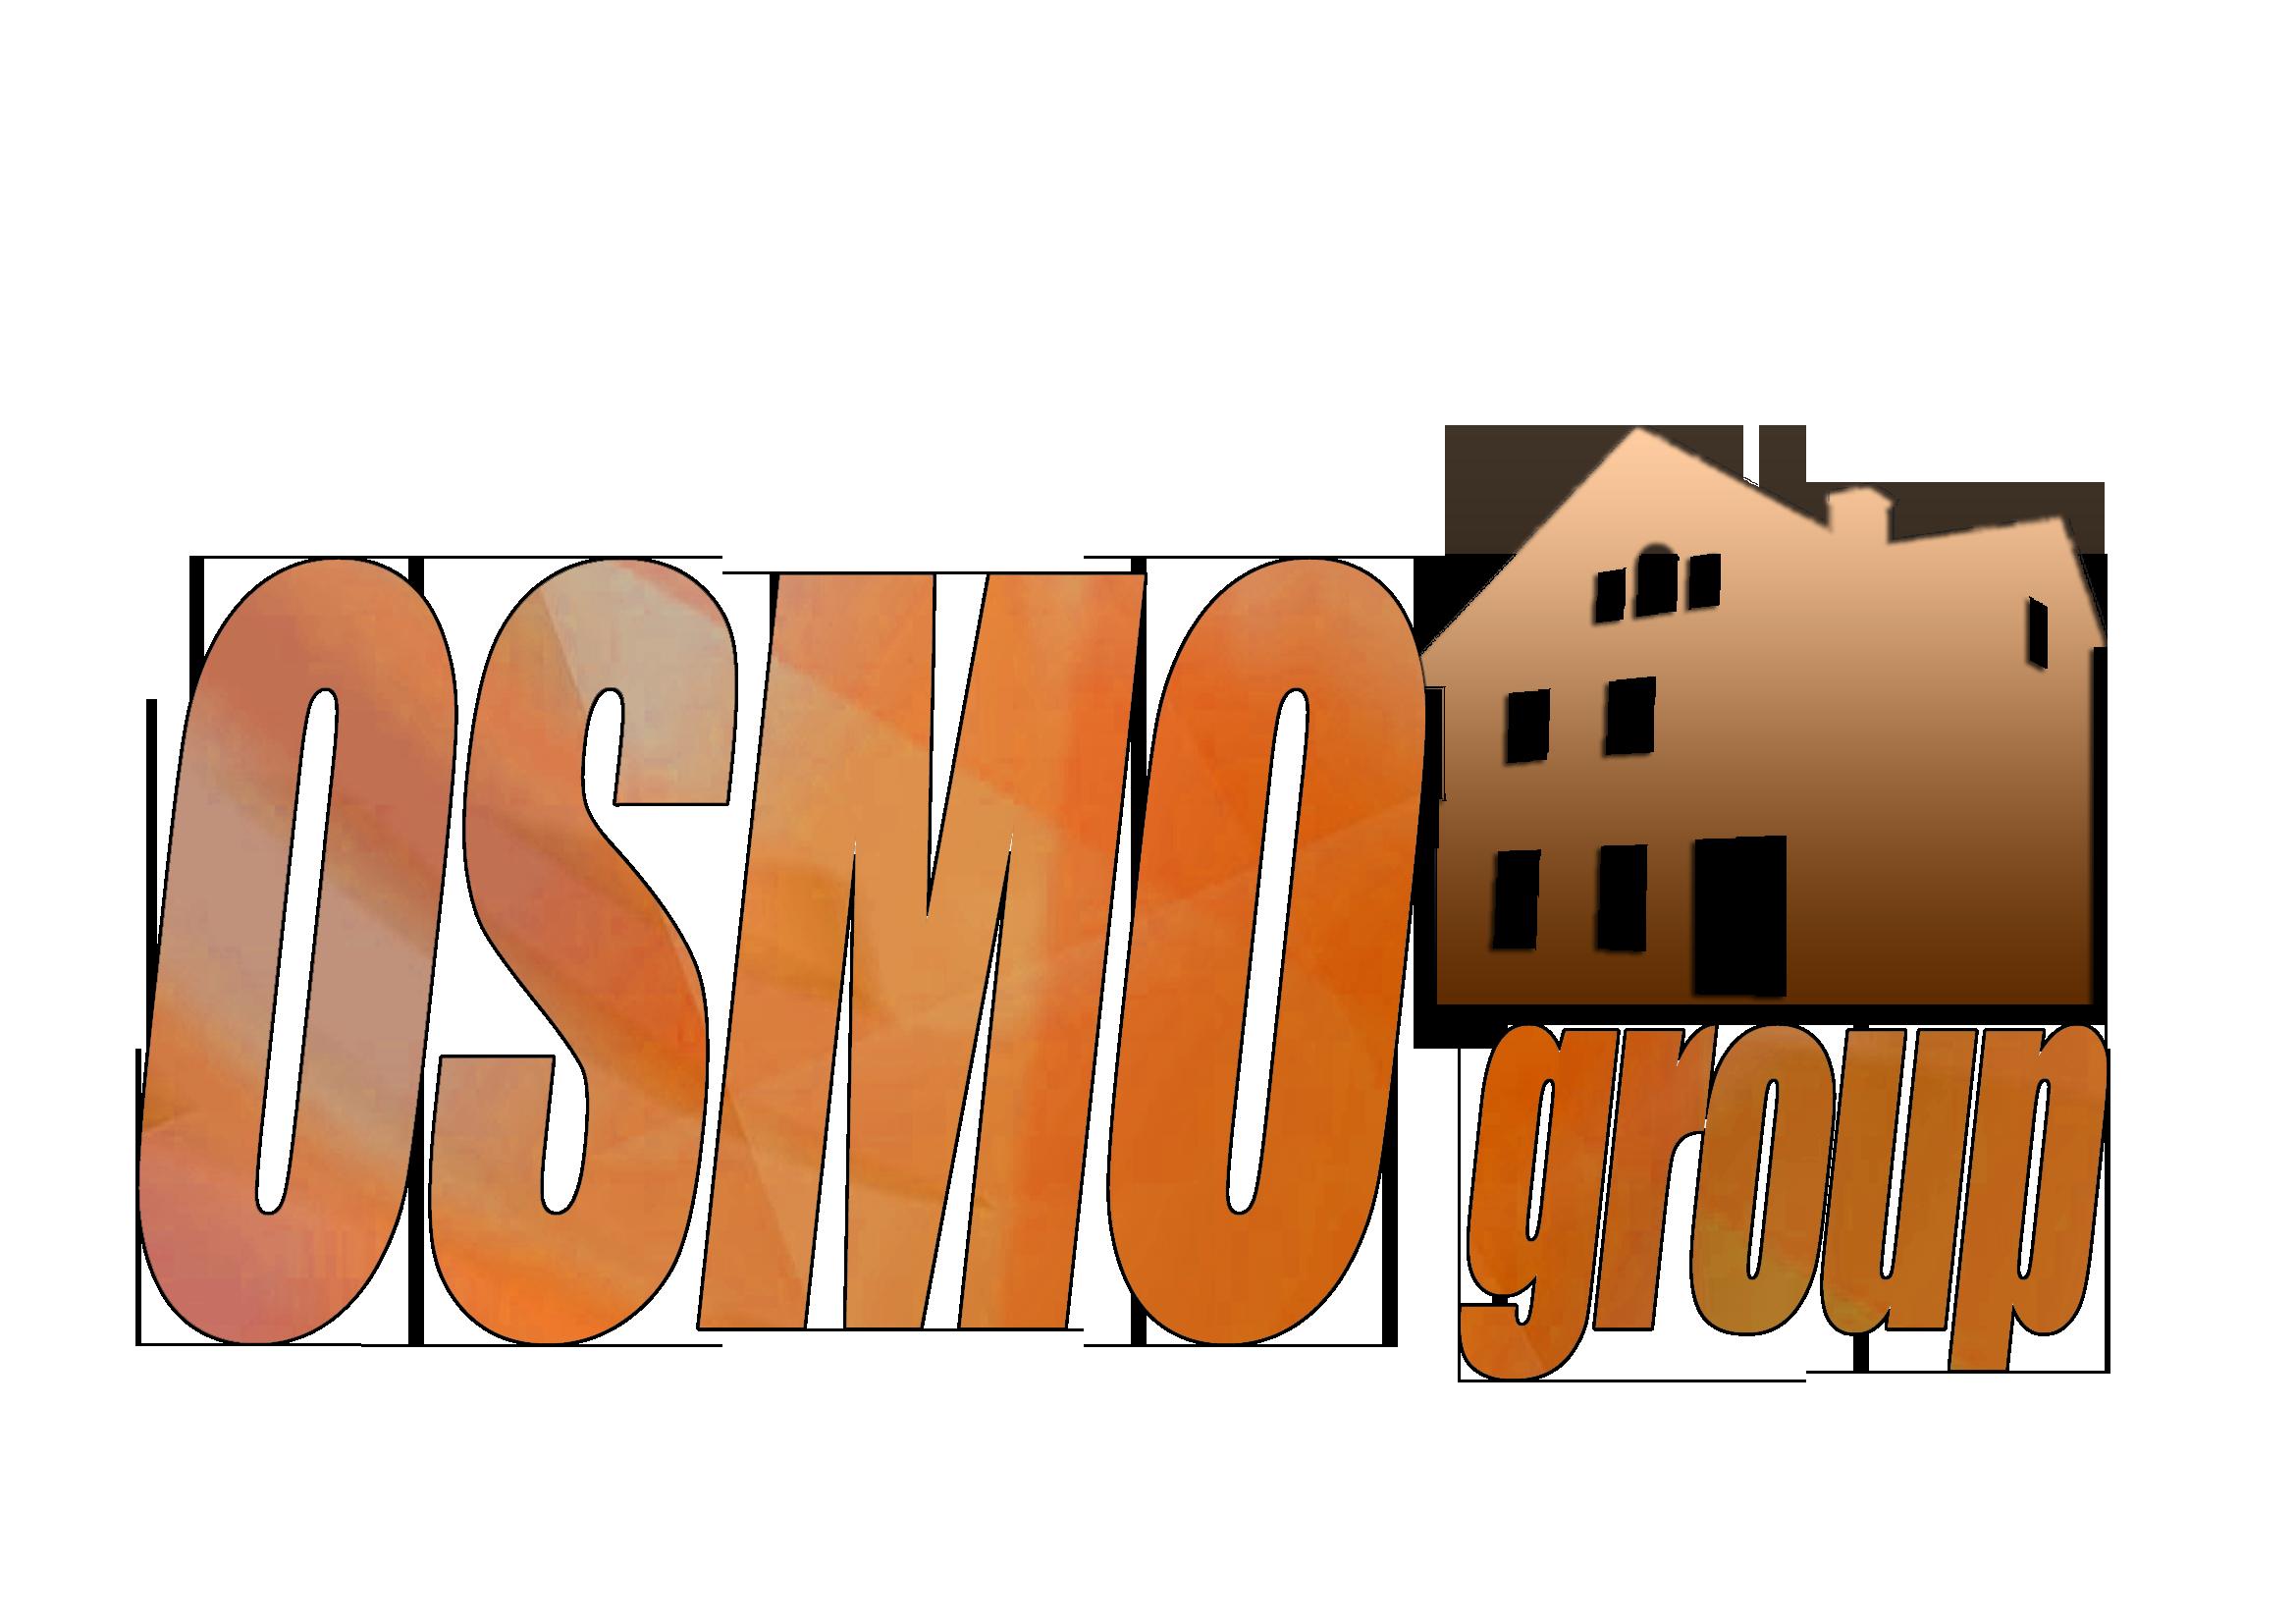 Создание логотипа для строительной компании OSMO group  фото f_52259b5e6d54dcef.png